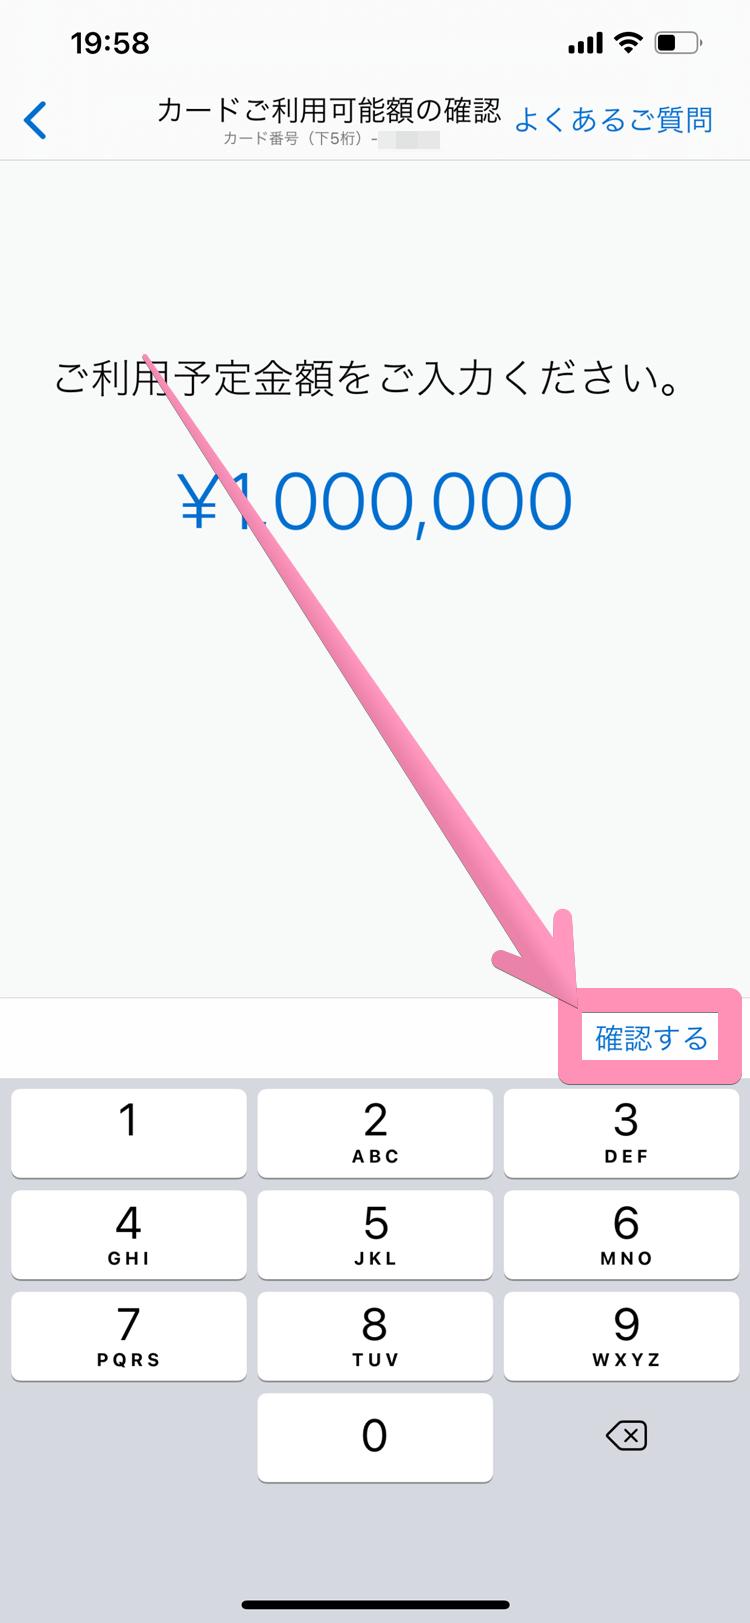 アメックスアプリ「ご利用予定金額」を入力